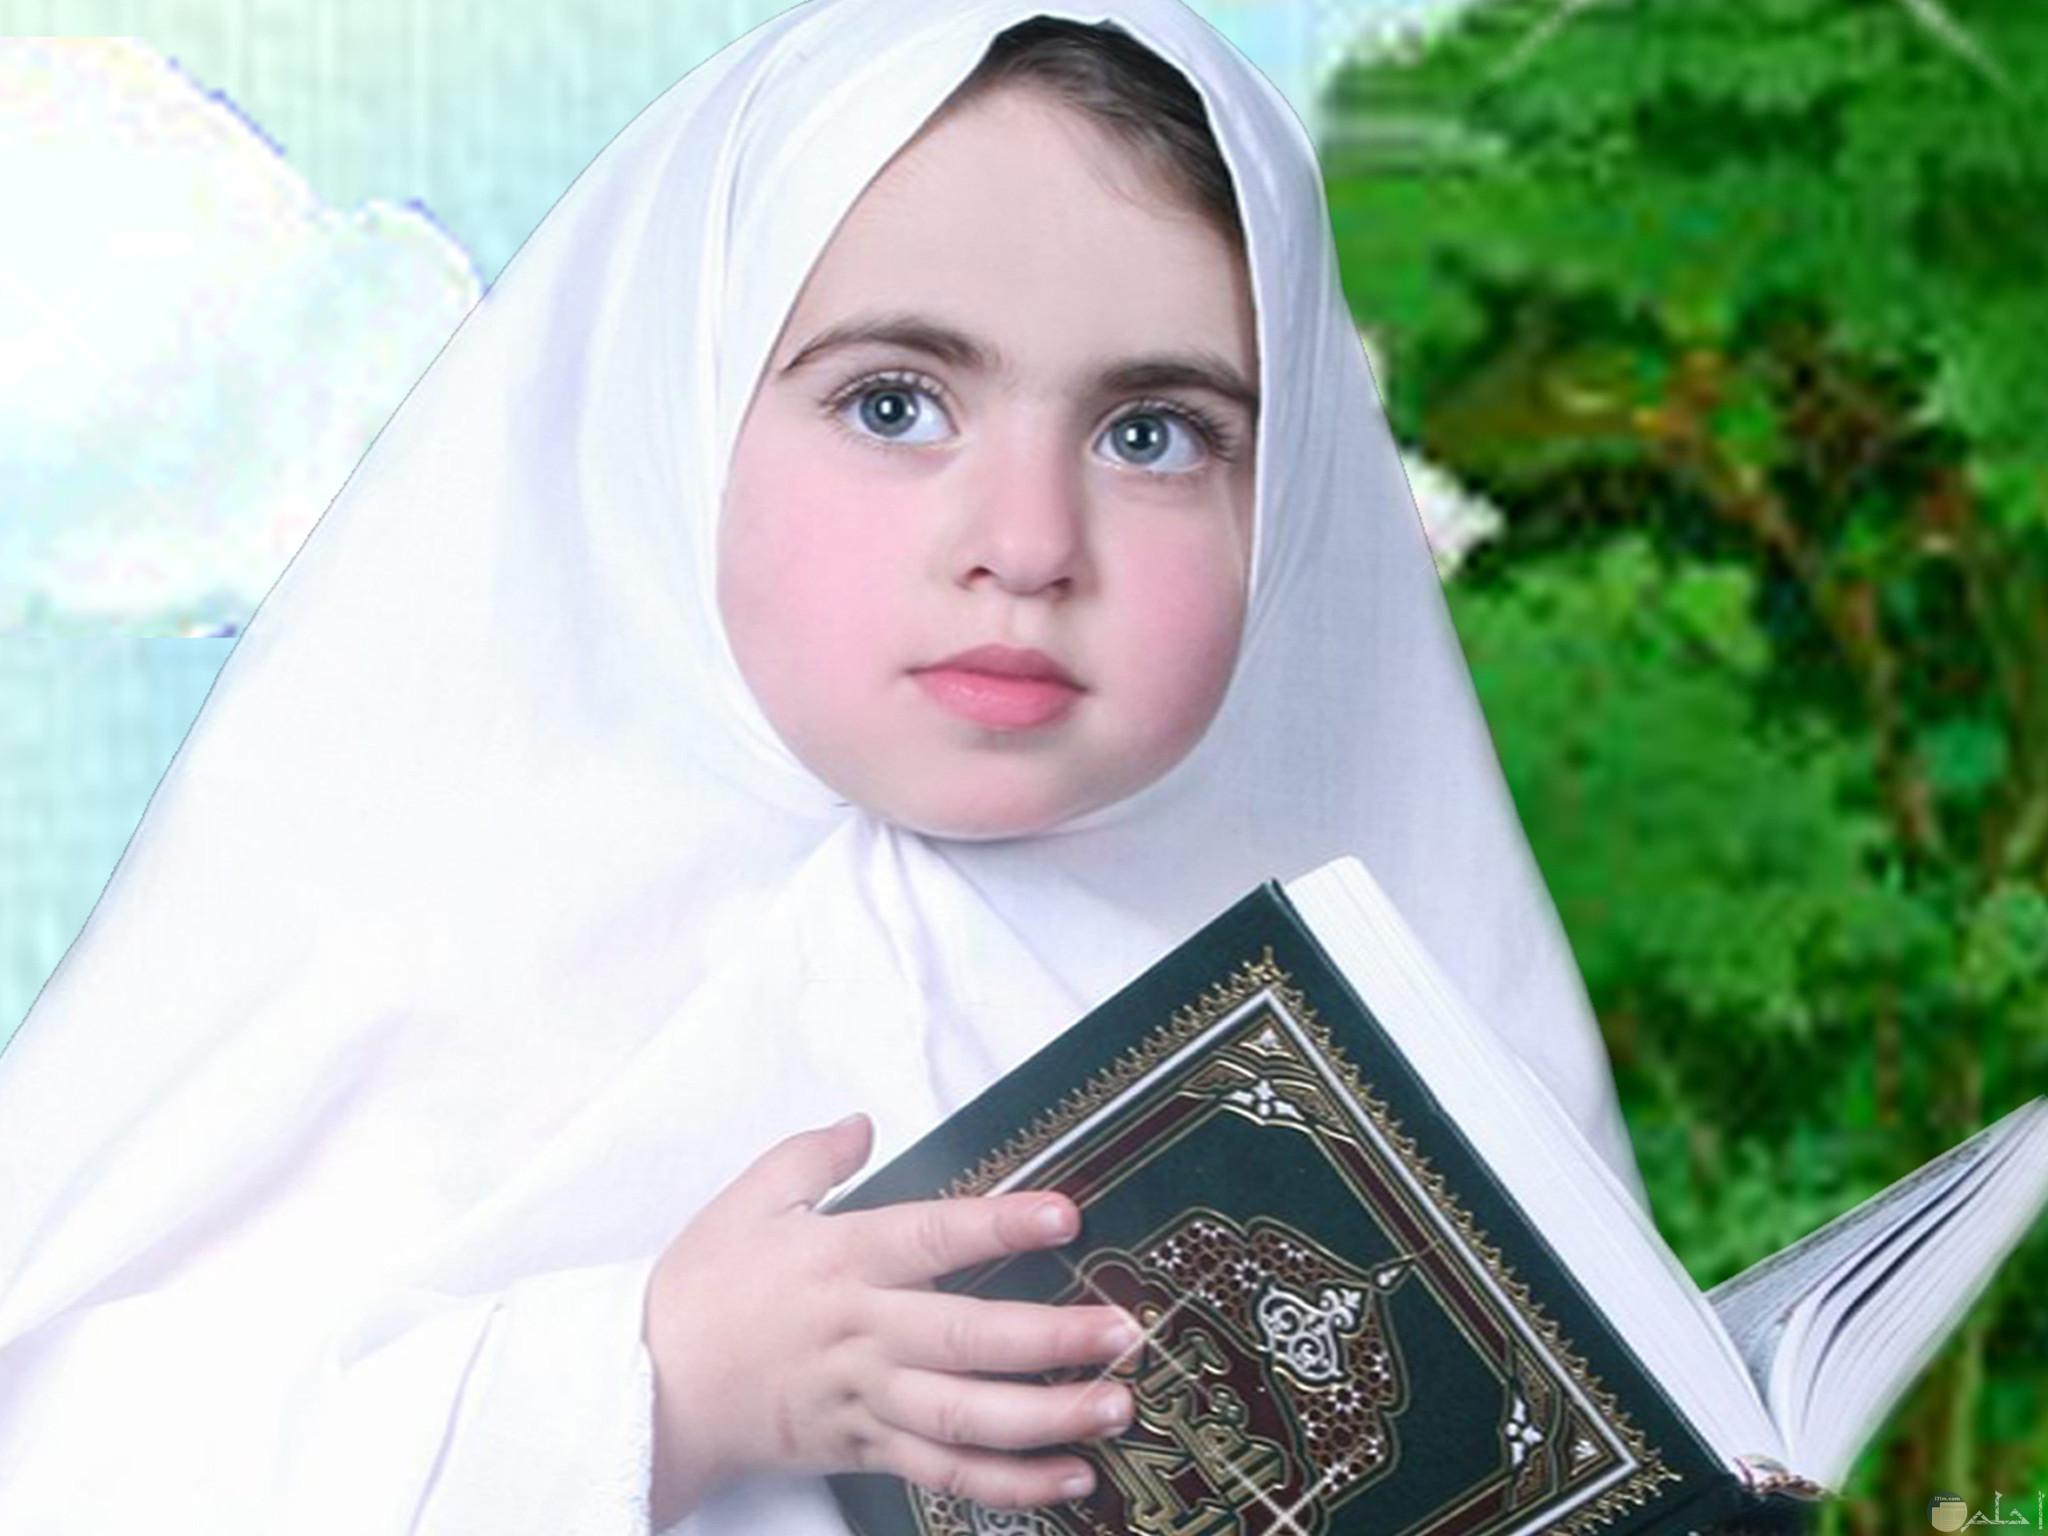 فتاة ماشاء الله زى القمر محجبة وتحمل كتاب الله